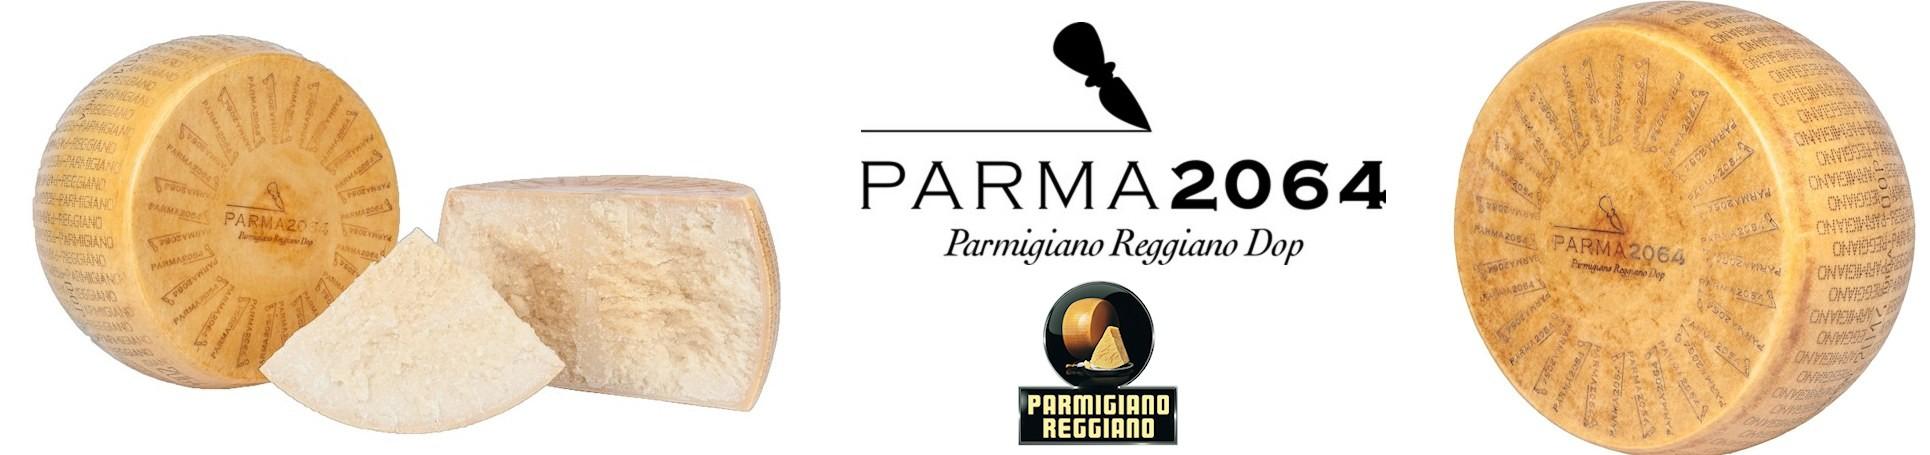 B2B GUSTOX - il Marketplace all'ingrosso delle eccellenze agroalimentari italiane - PARMA 2064 Parmigiano Reggiano Dop